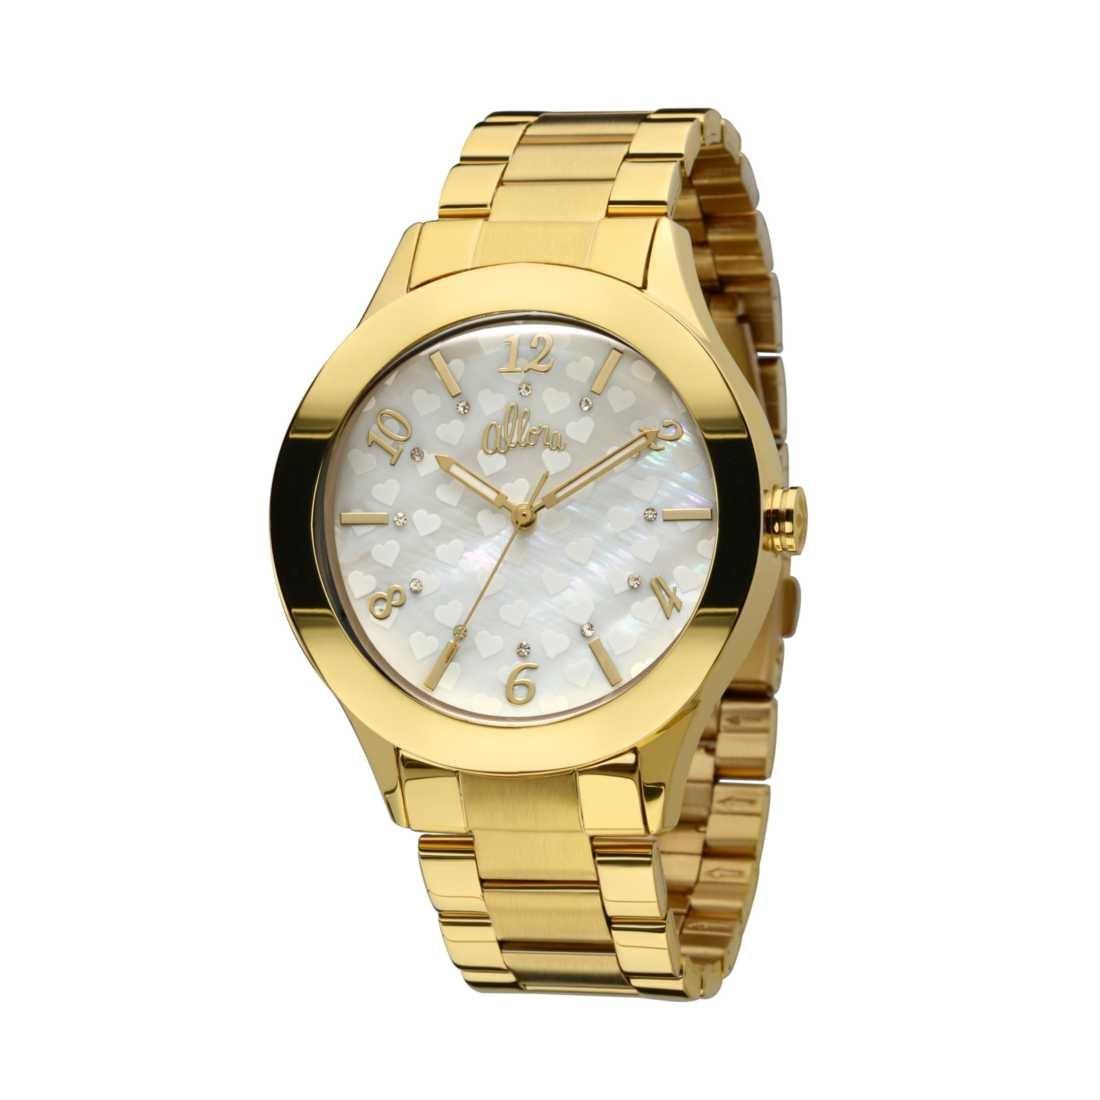 Relógio Feminino Allora Listras E Rendas - Al2035io 4b - R  175,89 ... 5772239924